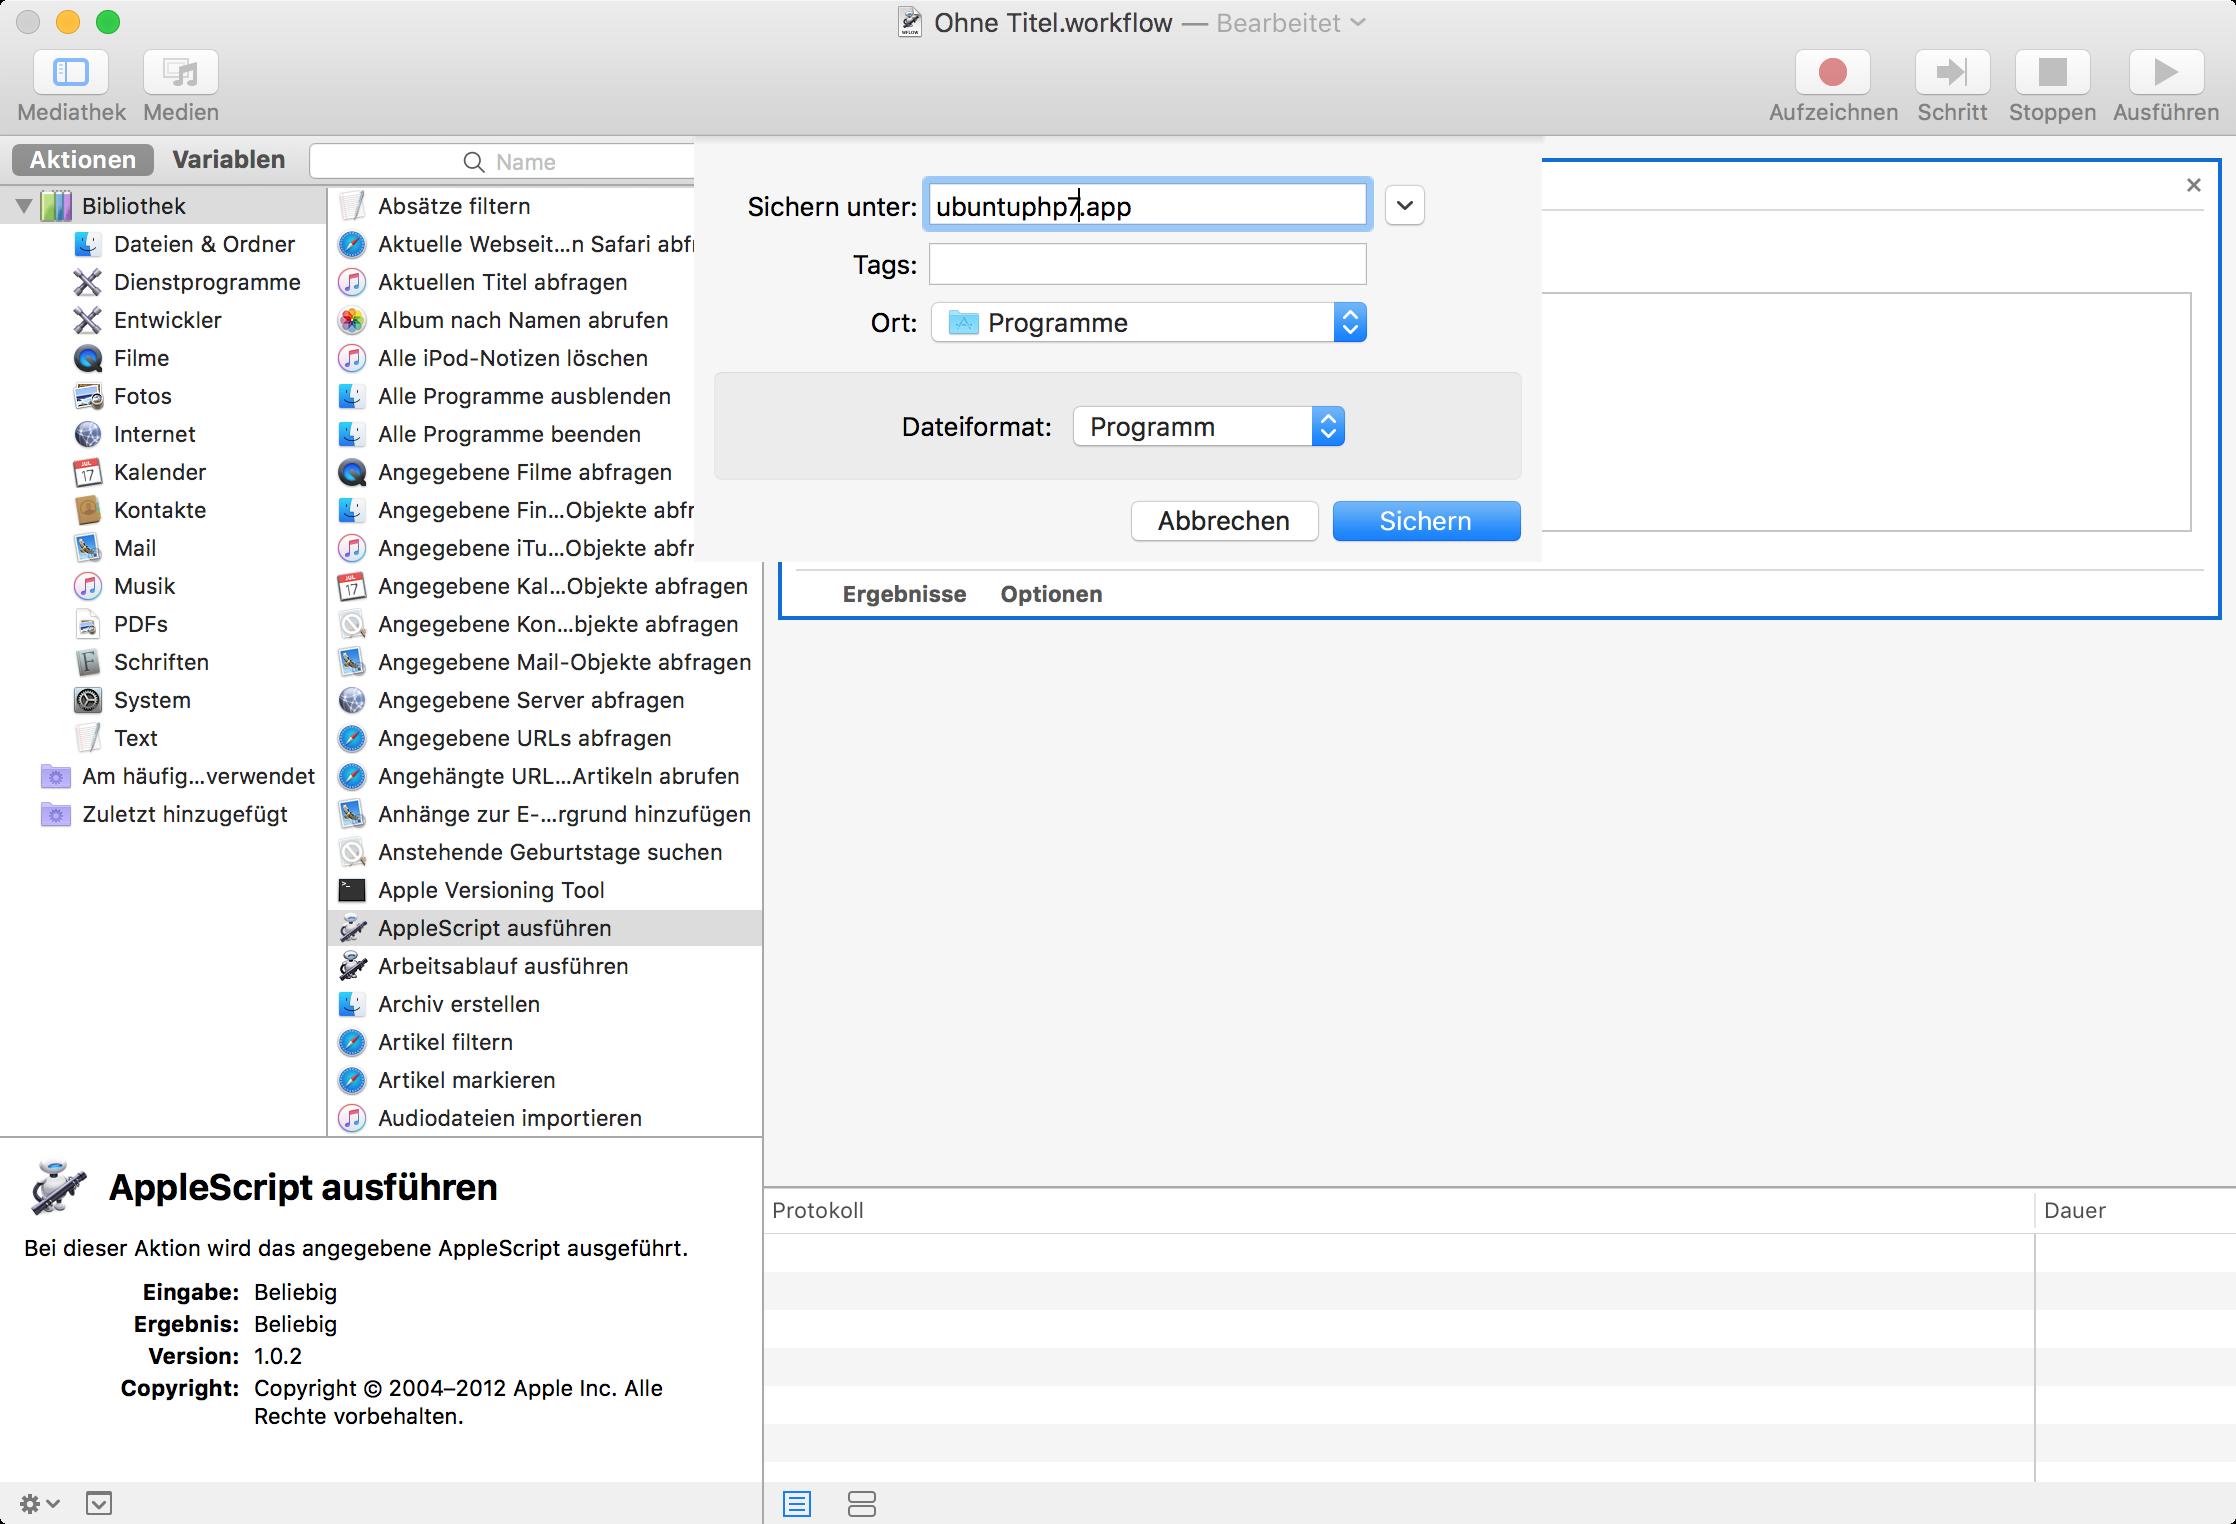 AppleScript als App abspeichern